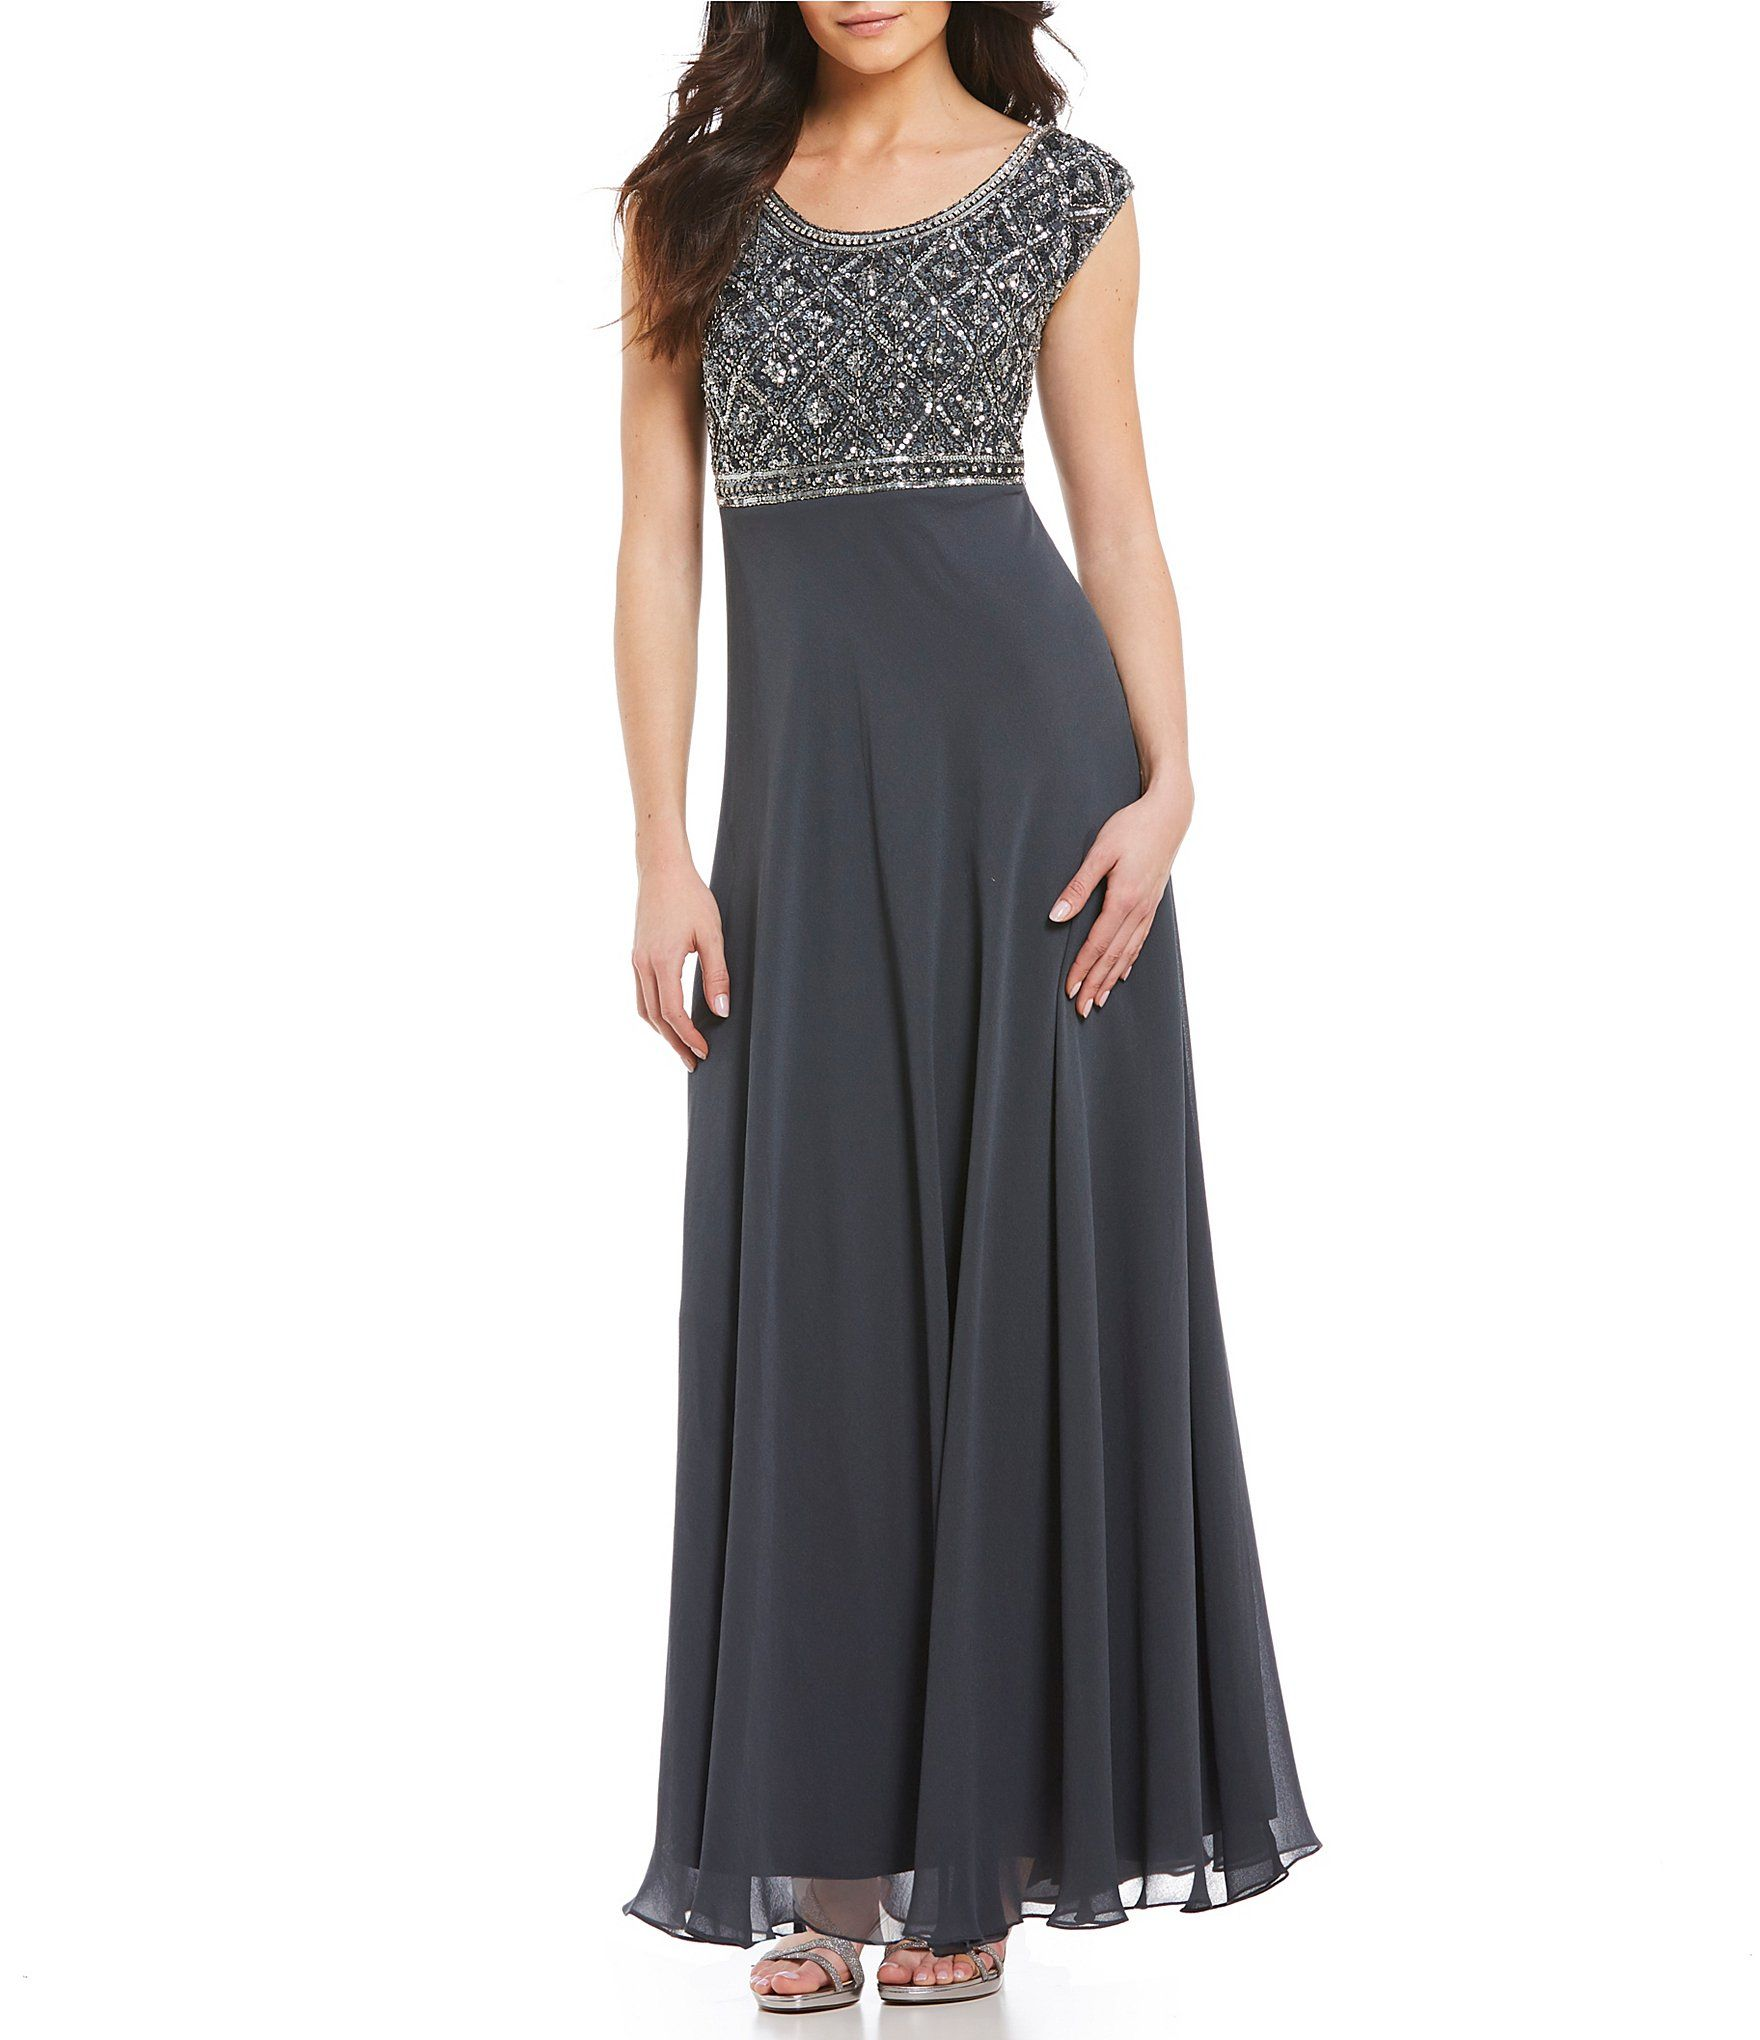 Jkara Petite CapSleeve Beaded Gown